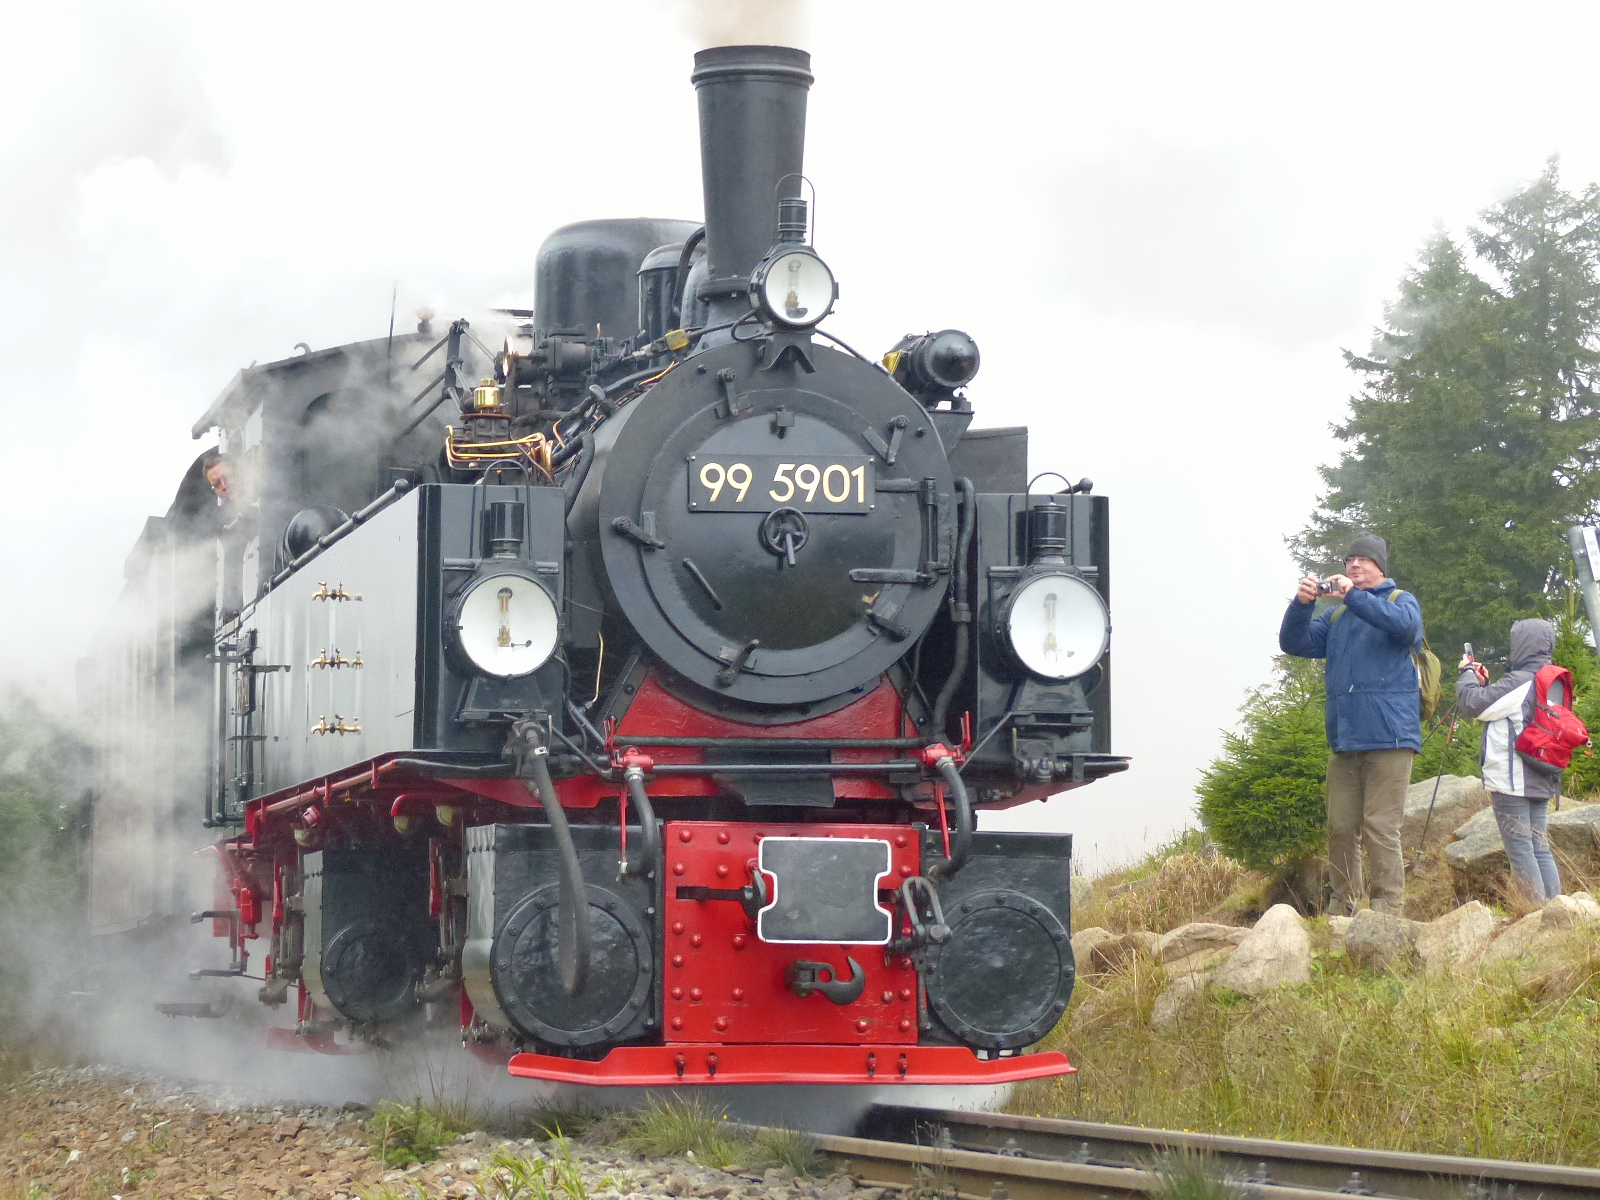 Sa kommt sie: die Dampflok, fast 60 Jahre alt. Foto: Weirauch